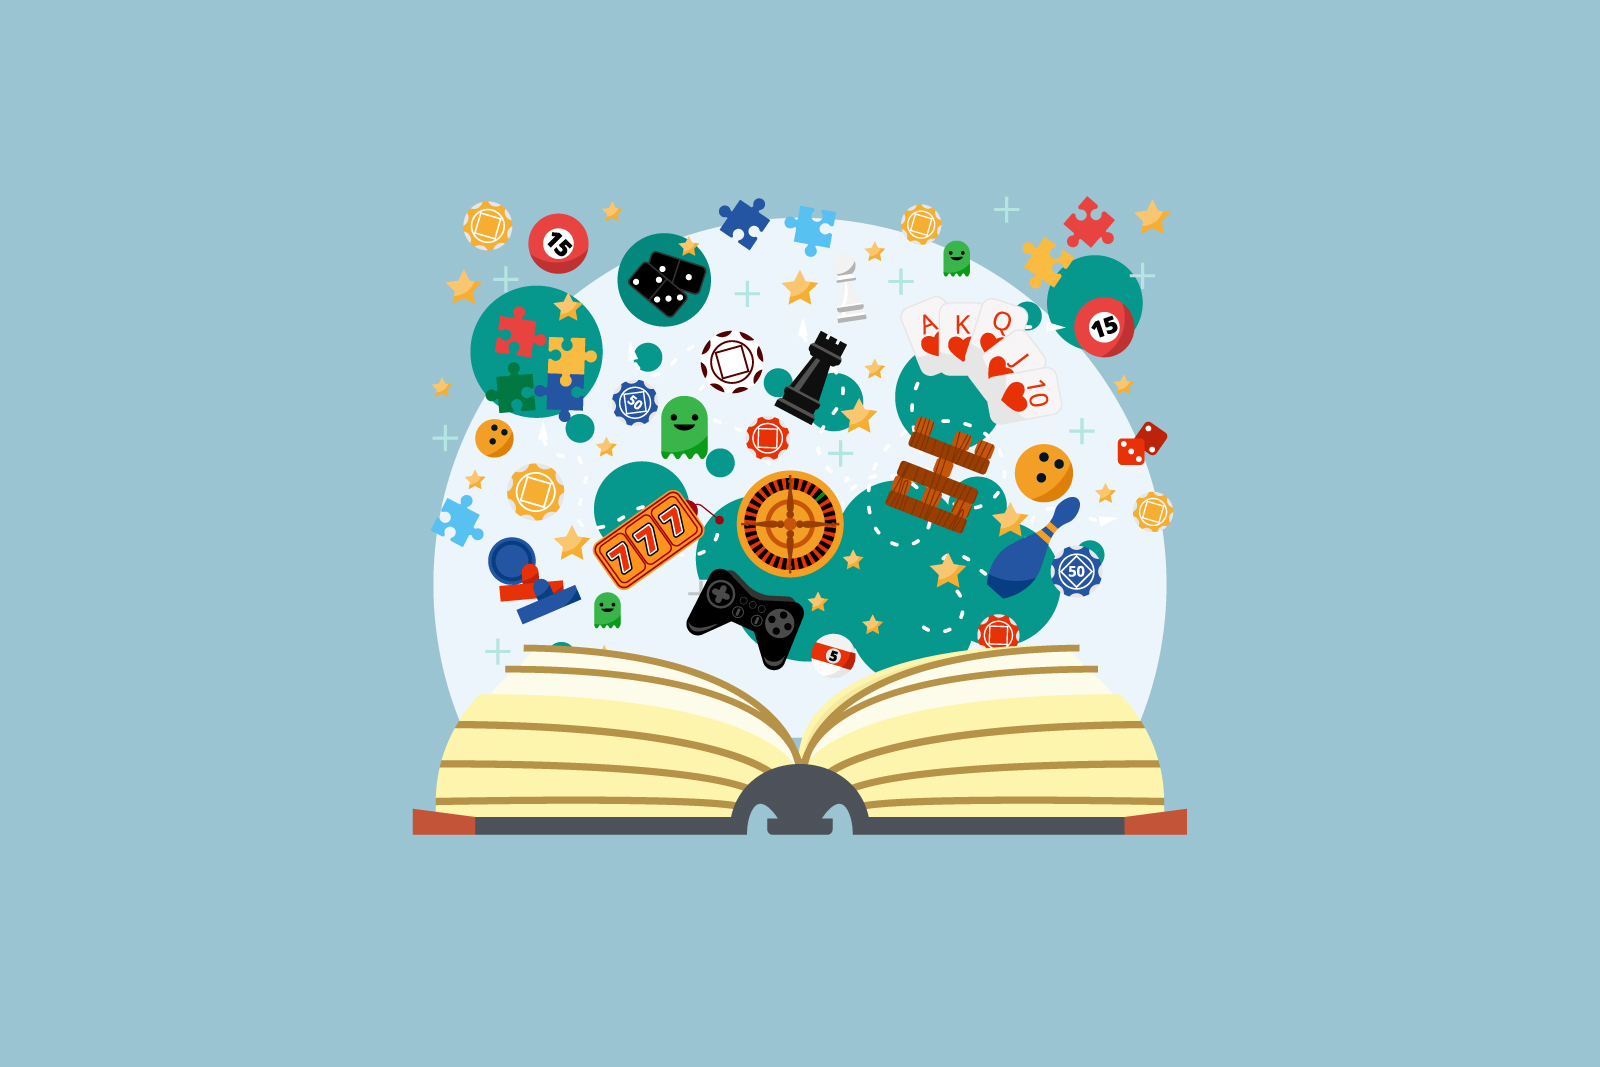 Oficina Gamificação e Cultura Maker na Educação (Exclusivo público interno Sesc)